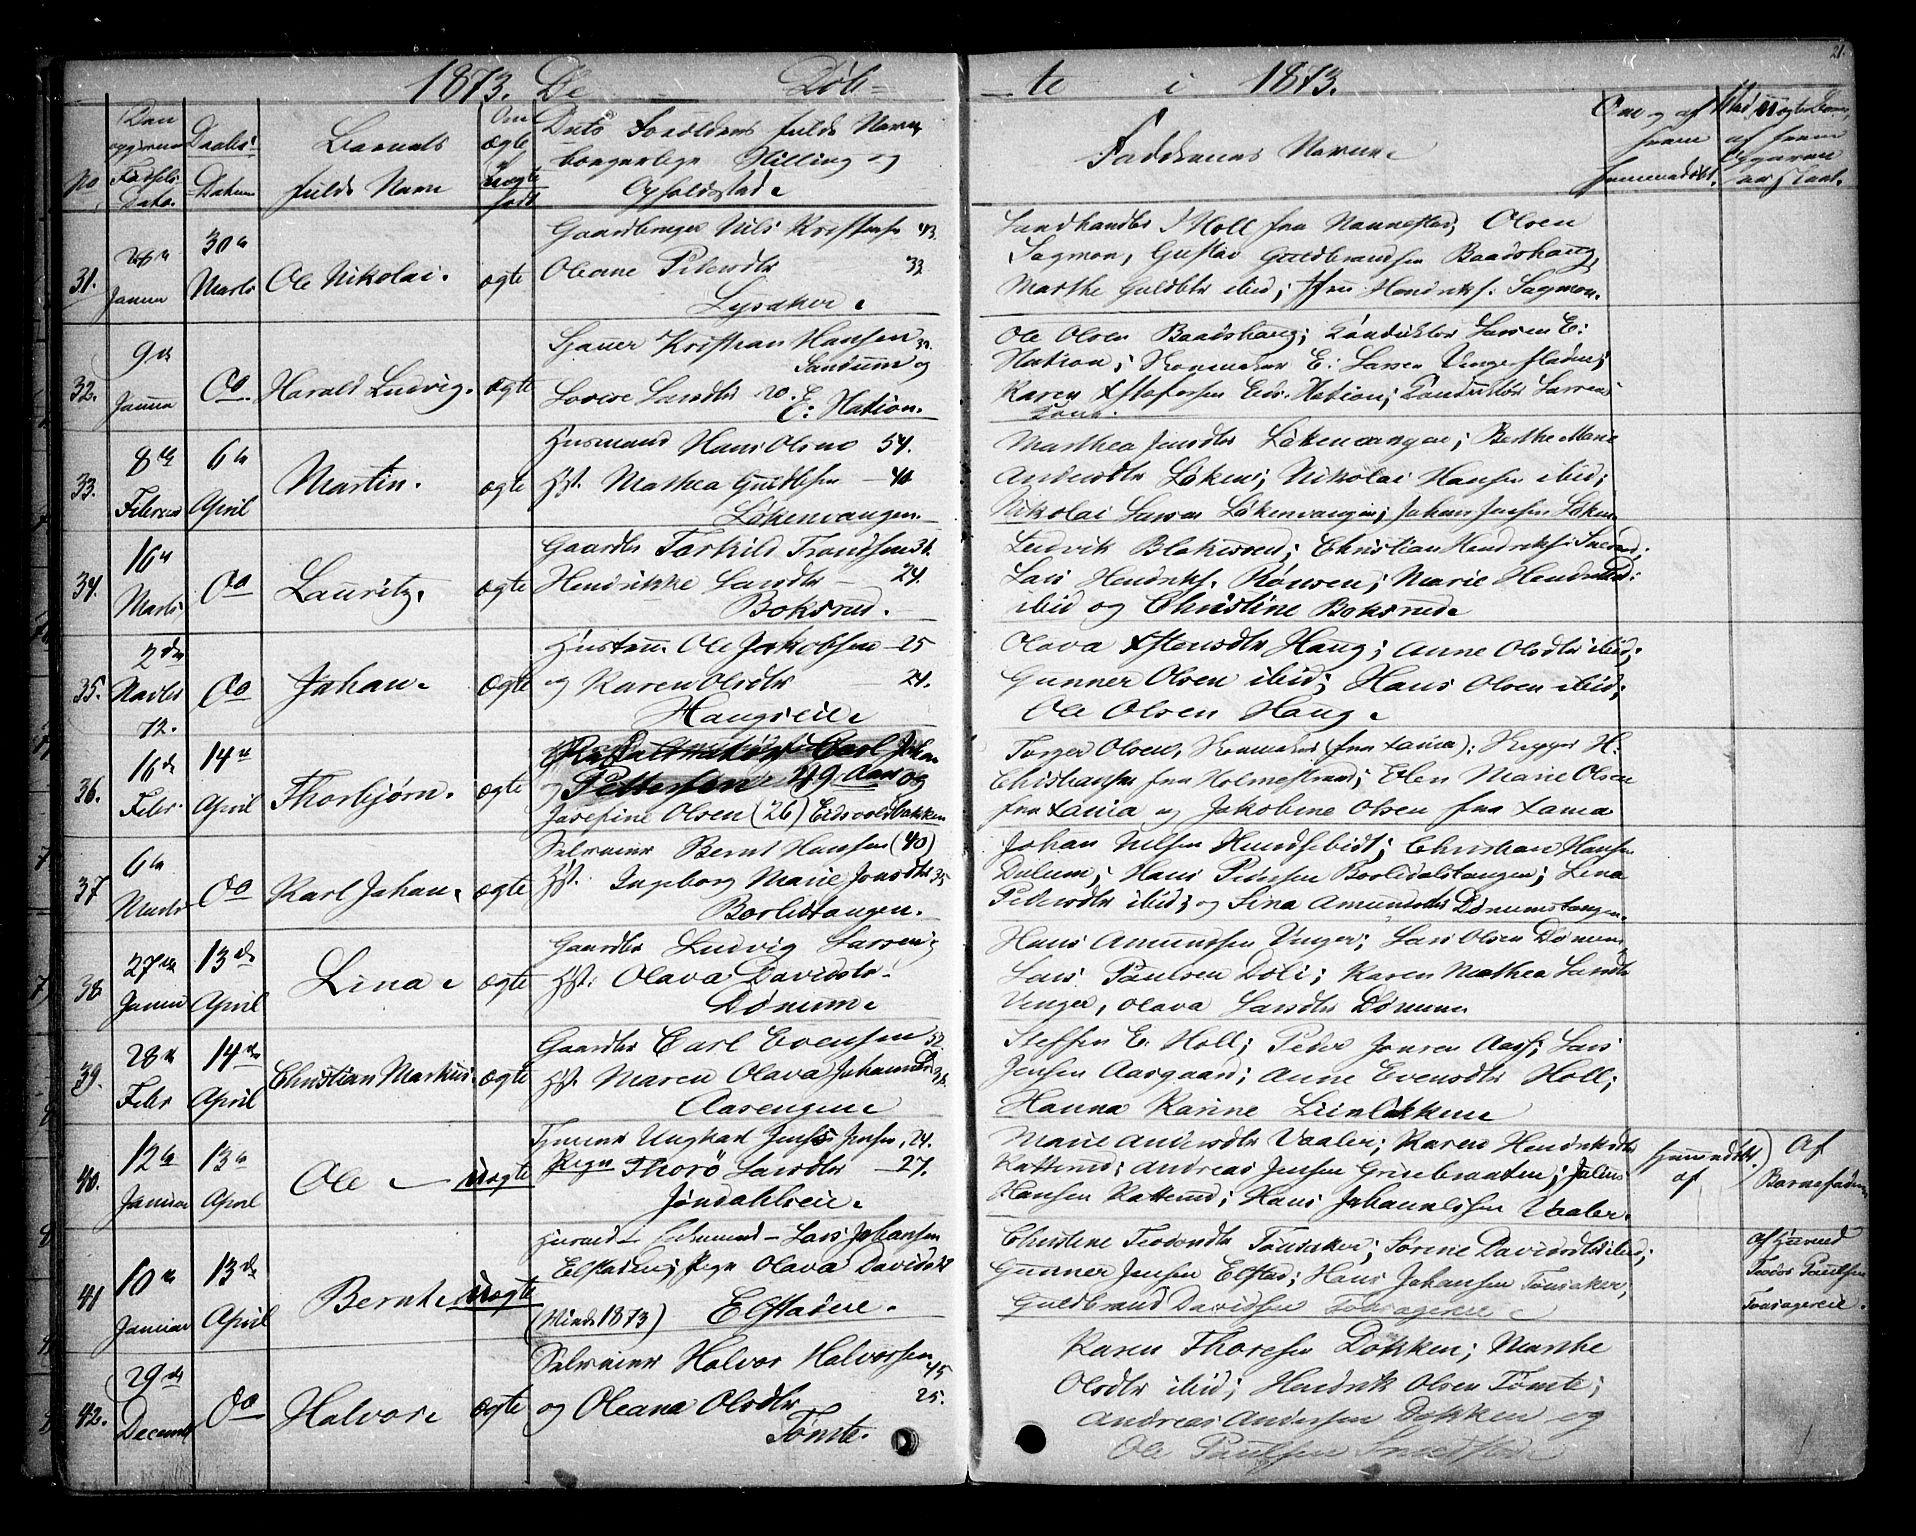 SAO, Eidsvoll prestekontor Kirkebøker, G/Ga/L0003: Klokkerbok nr. I 3, 1871-1877, s. 21